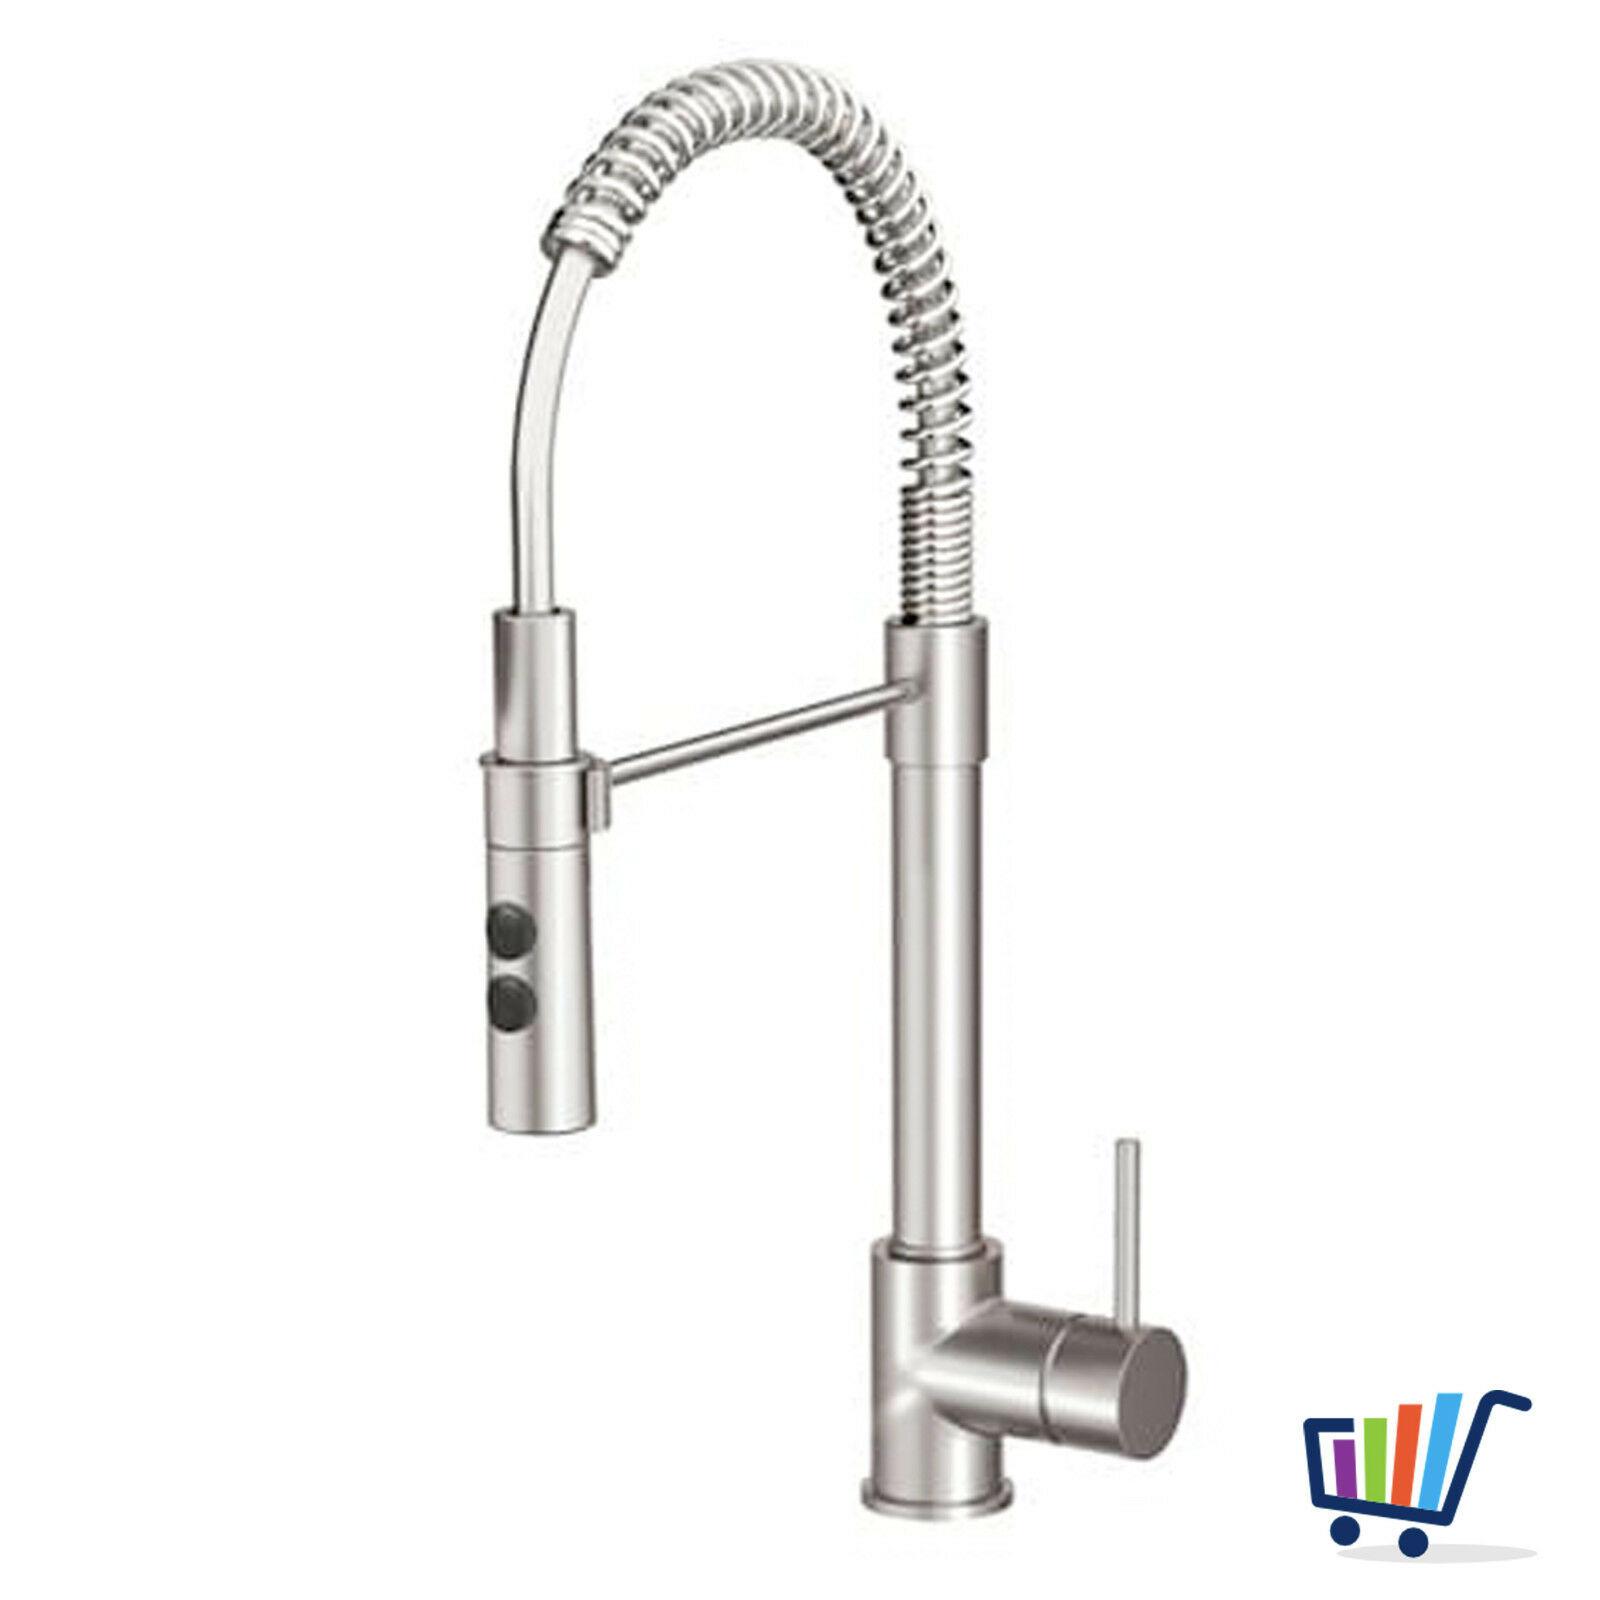 IKEA VIMMERN Mischbatterie mit Brause Küchenarmatur Küche Wasserhahn NEU &  OVP